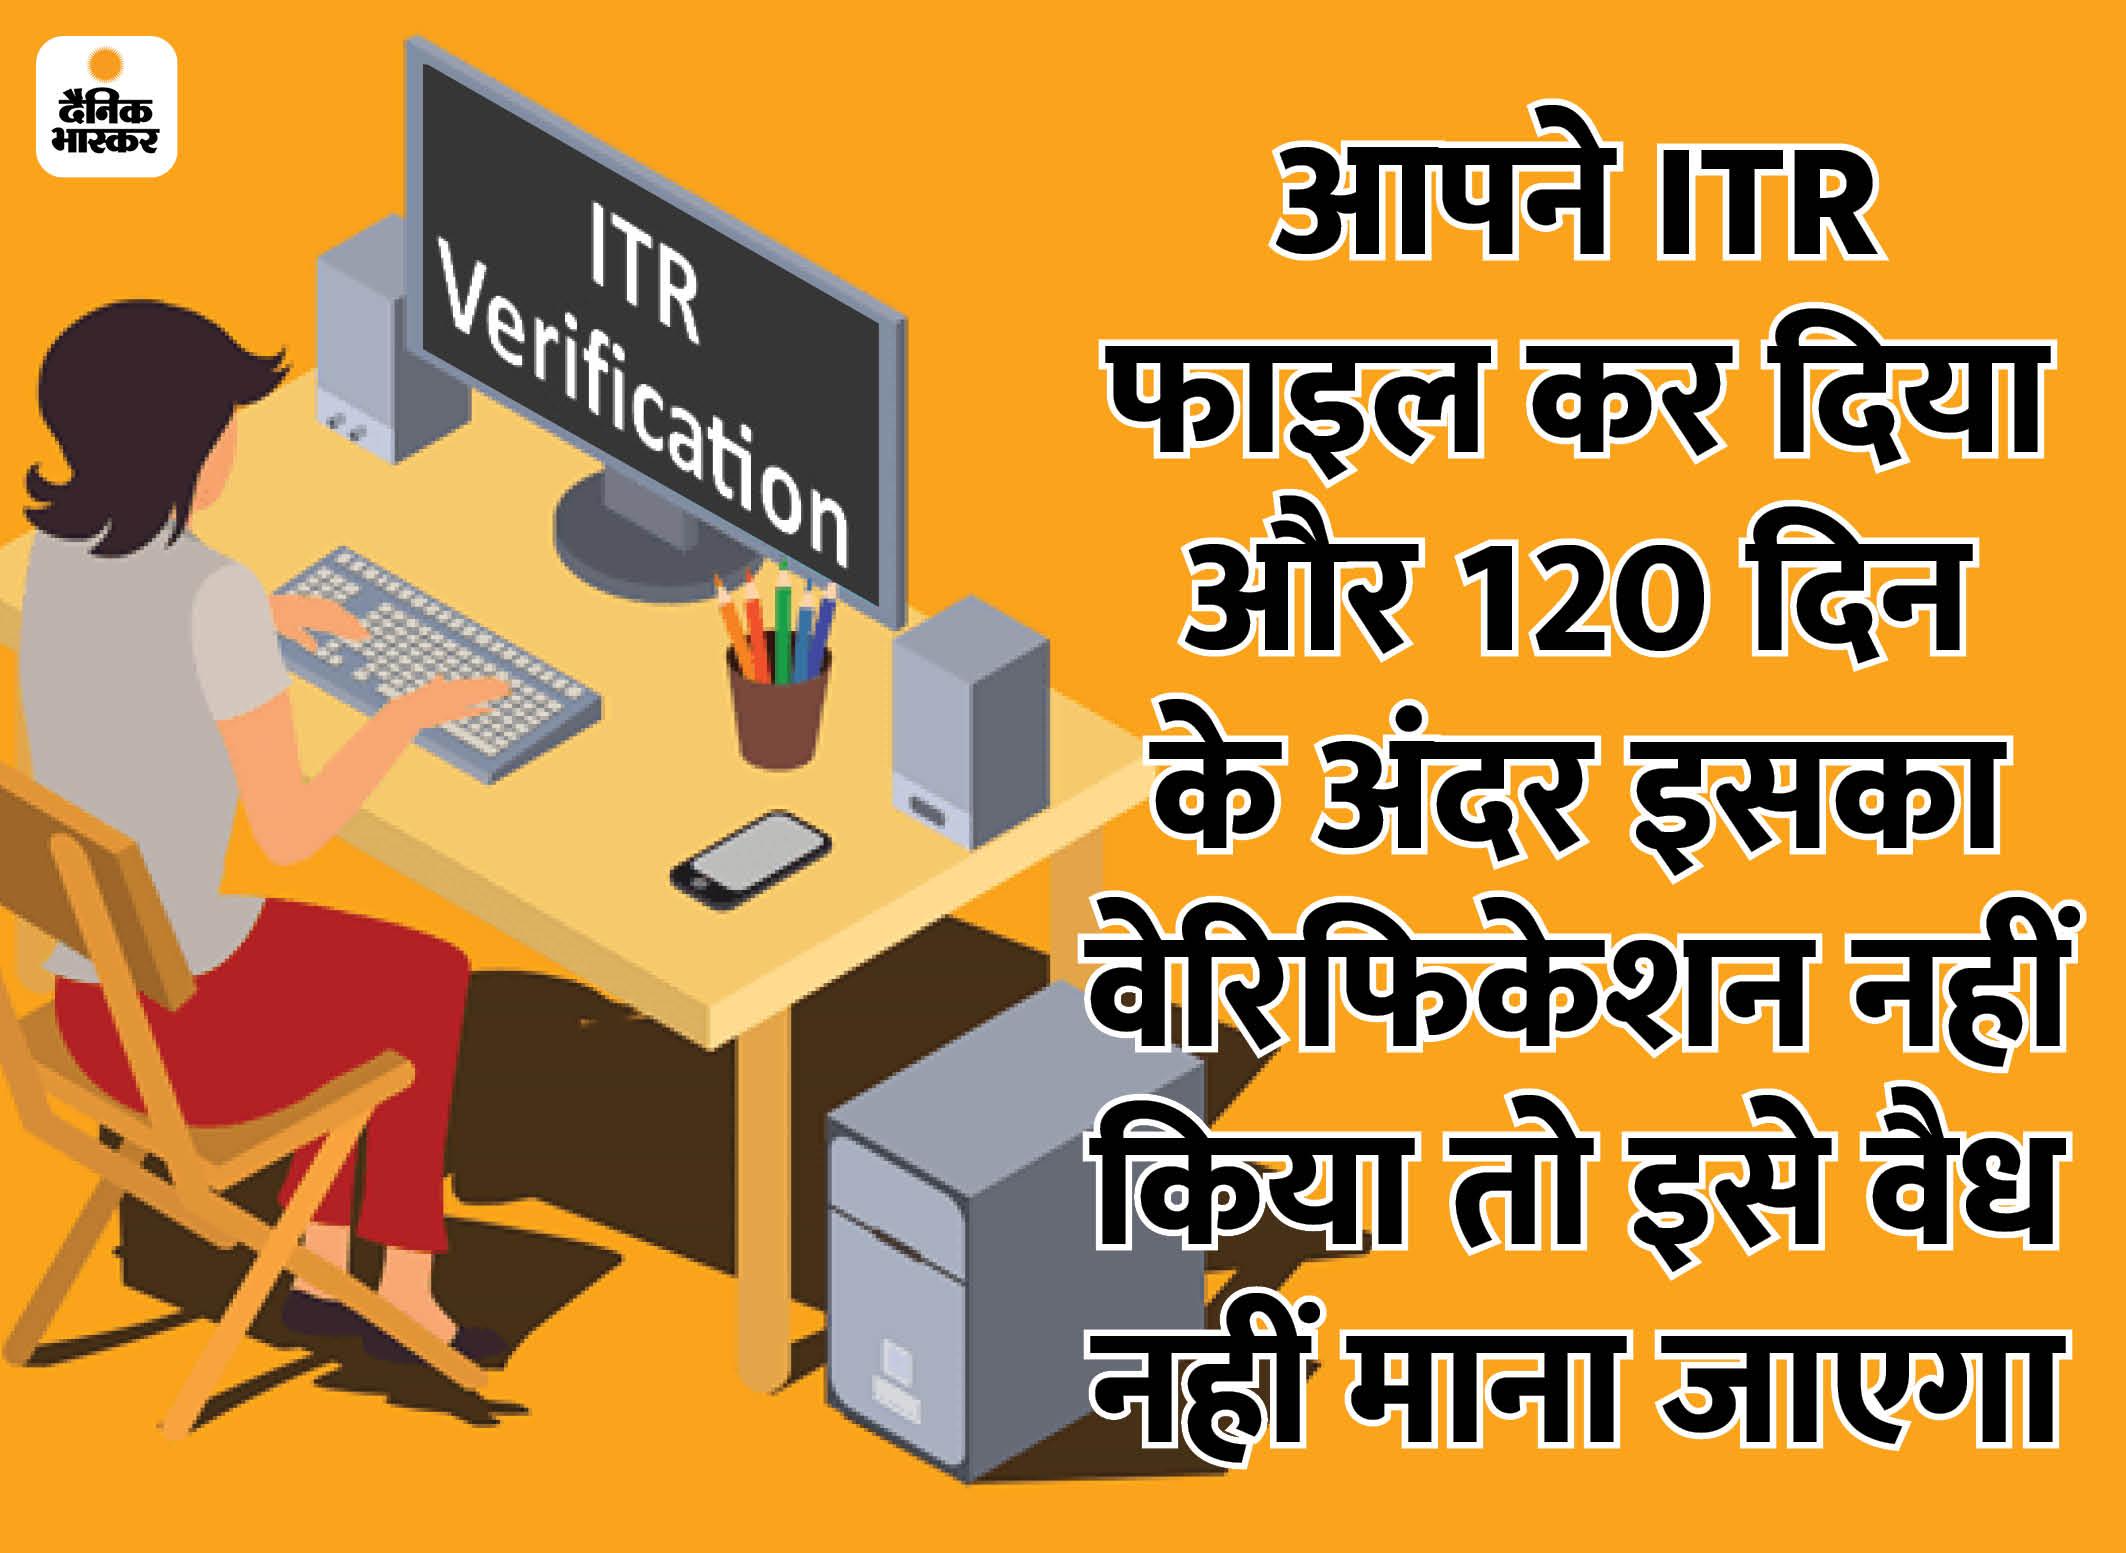 सिर्फ इनकम टैक्स रिटर्न भरना ही नहीं इसे वेरीफाई करना भी है जरूरी, नहीं तो रद्द हो सकता है रिटर्न|यूटिलिटी,Utility - Dainik Bhaskar